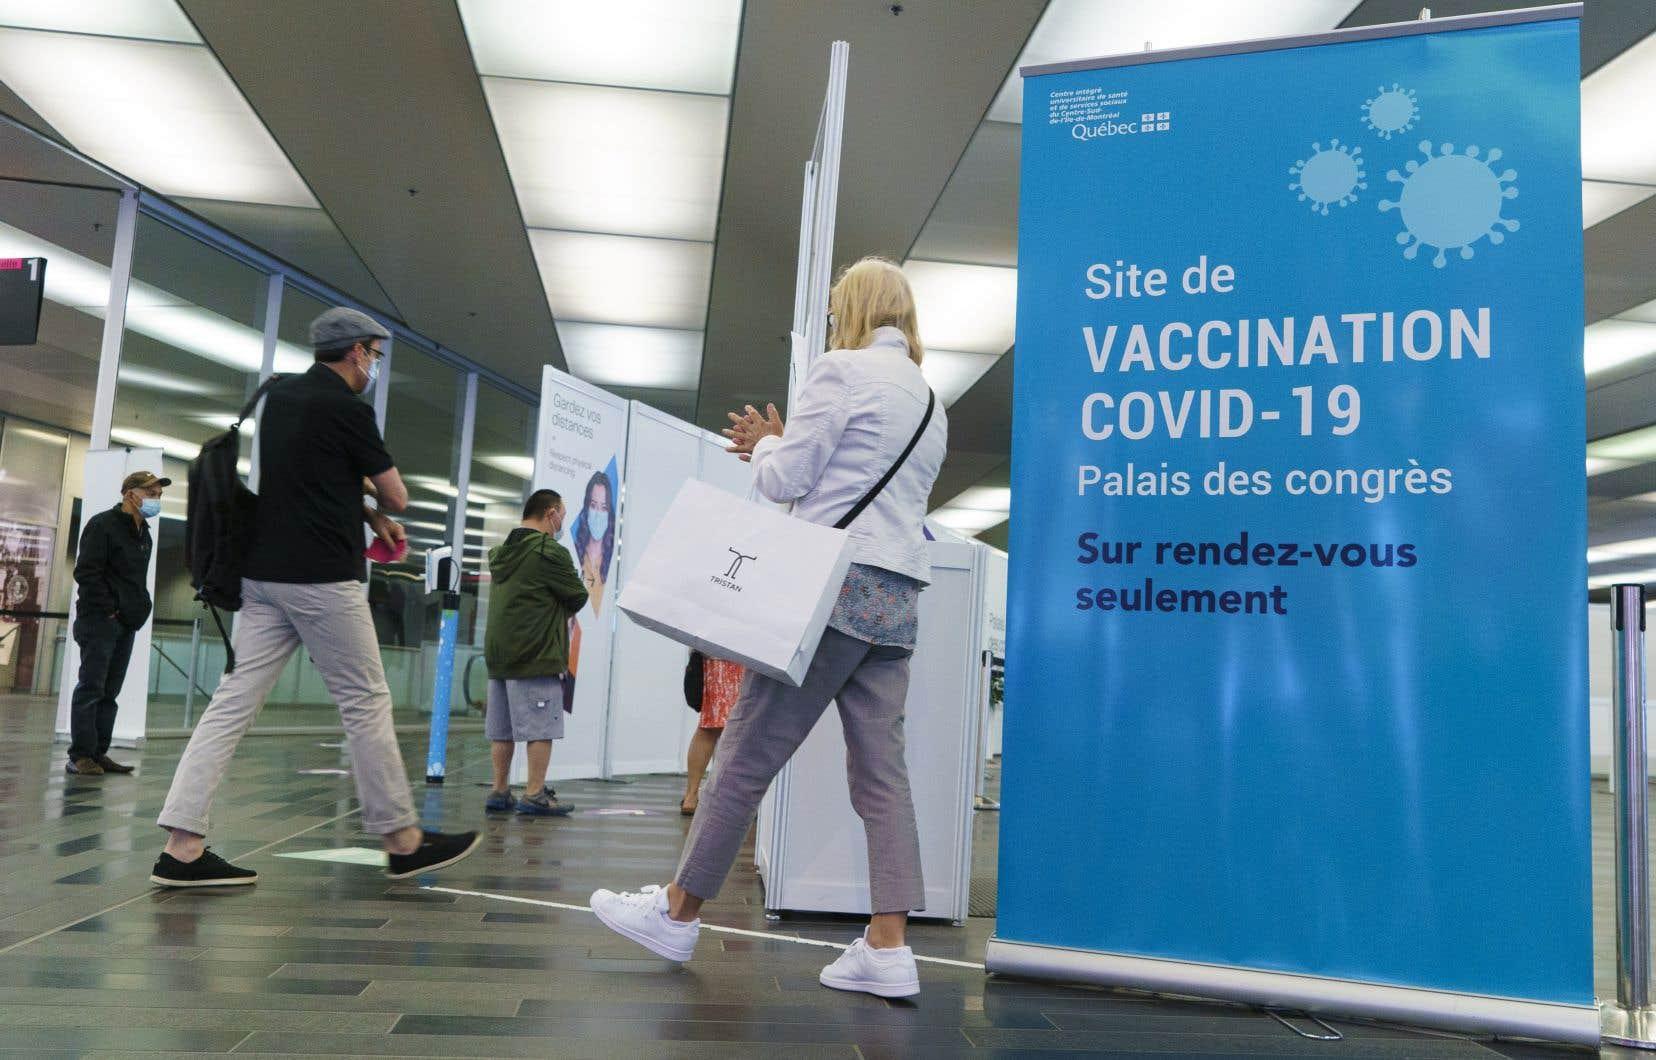 Le Québec attend cette semaine 324090 doses du vaccin de Pfizer.